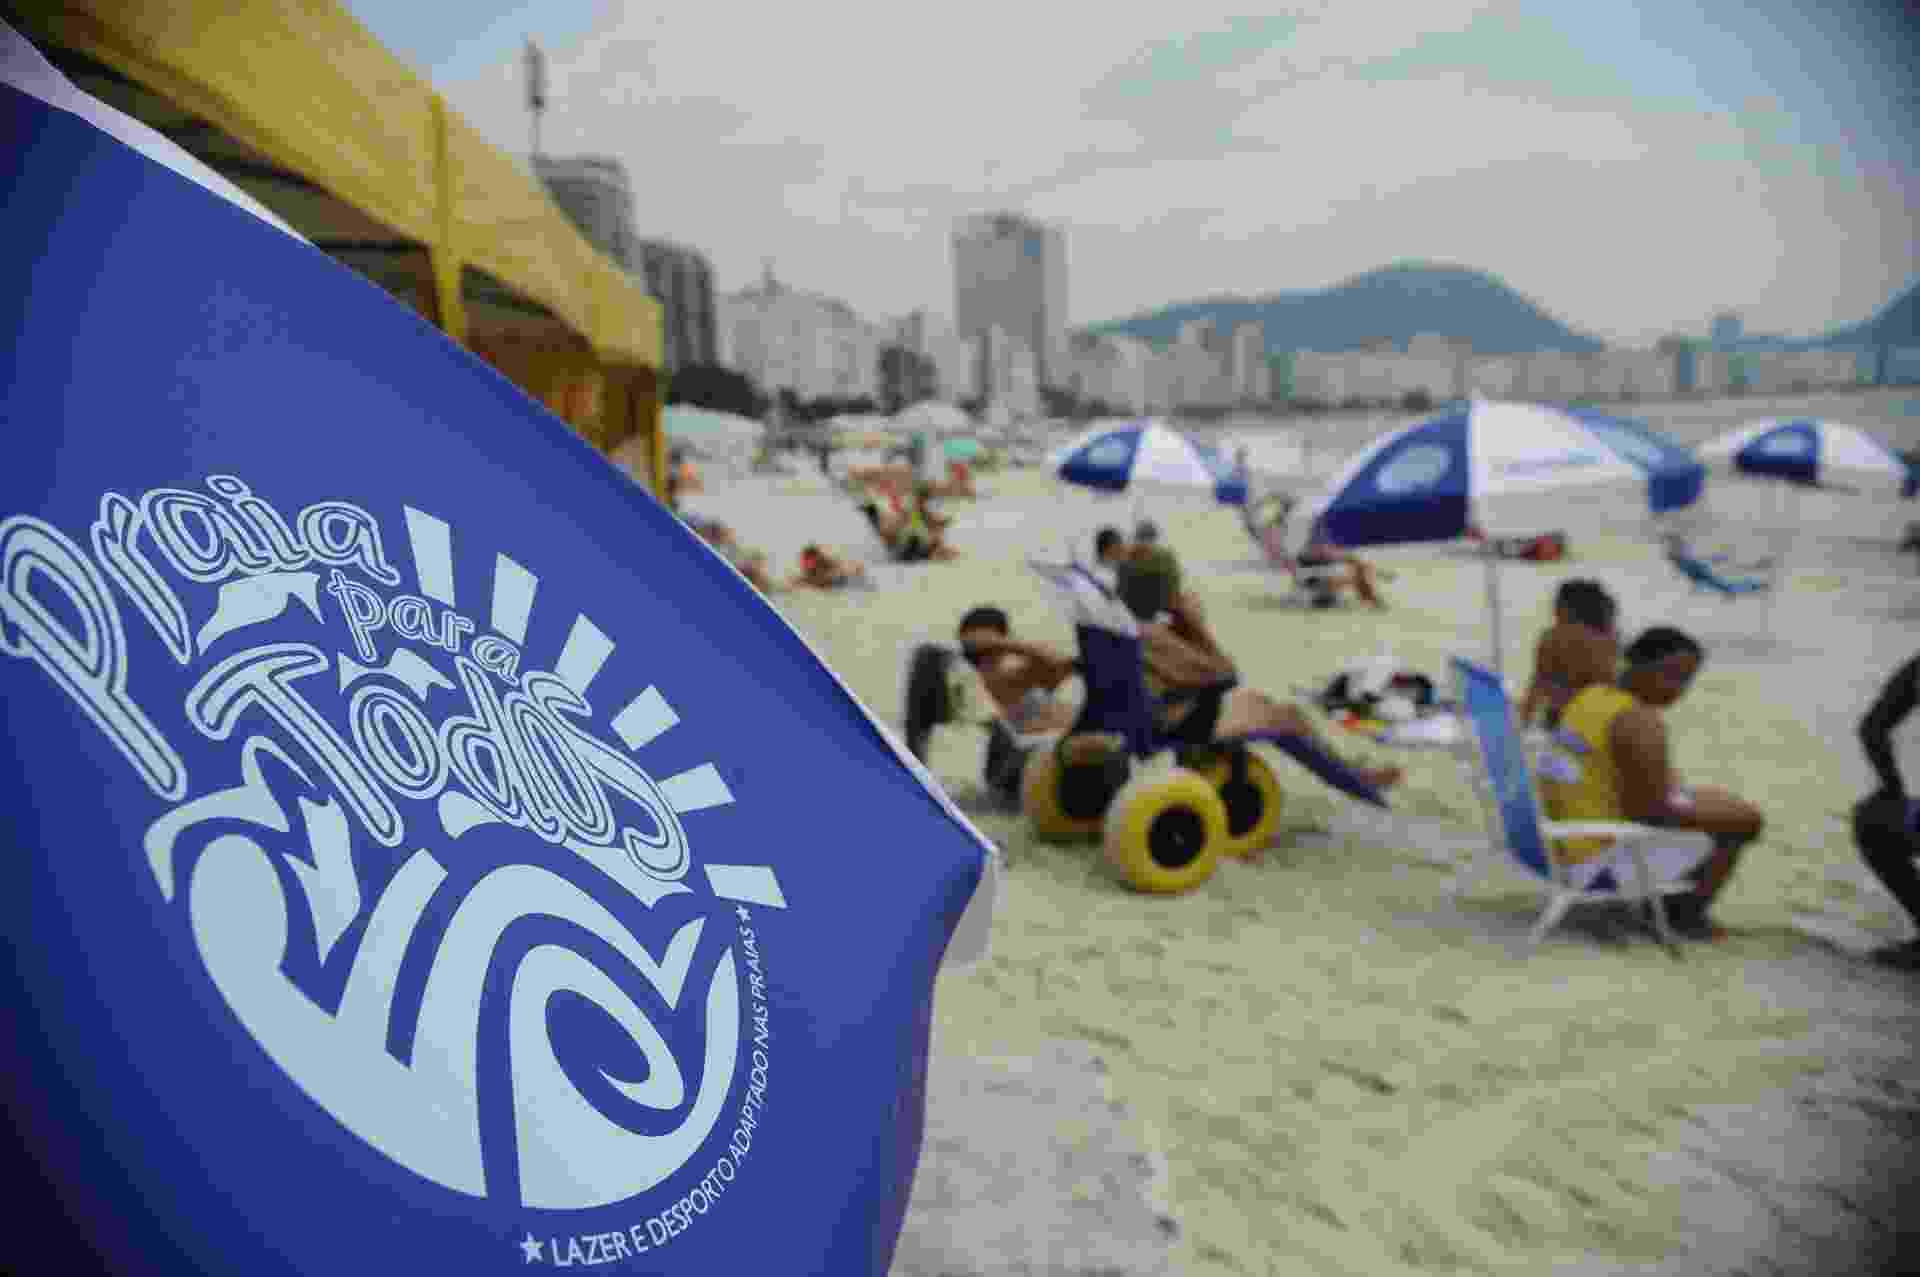 21.dez.2014 - O projeto Praia para Todos, que busca melhorar as condições de acesso de pessoas com deficiência à praia, retomou suas atividades nas praias de Copacabana e da Barra da Tijuca, no Rio de Janeiro - Tânia Rêgo/Agência Brasil